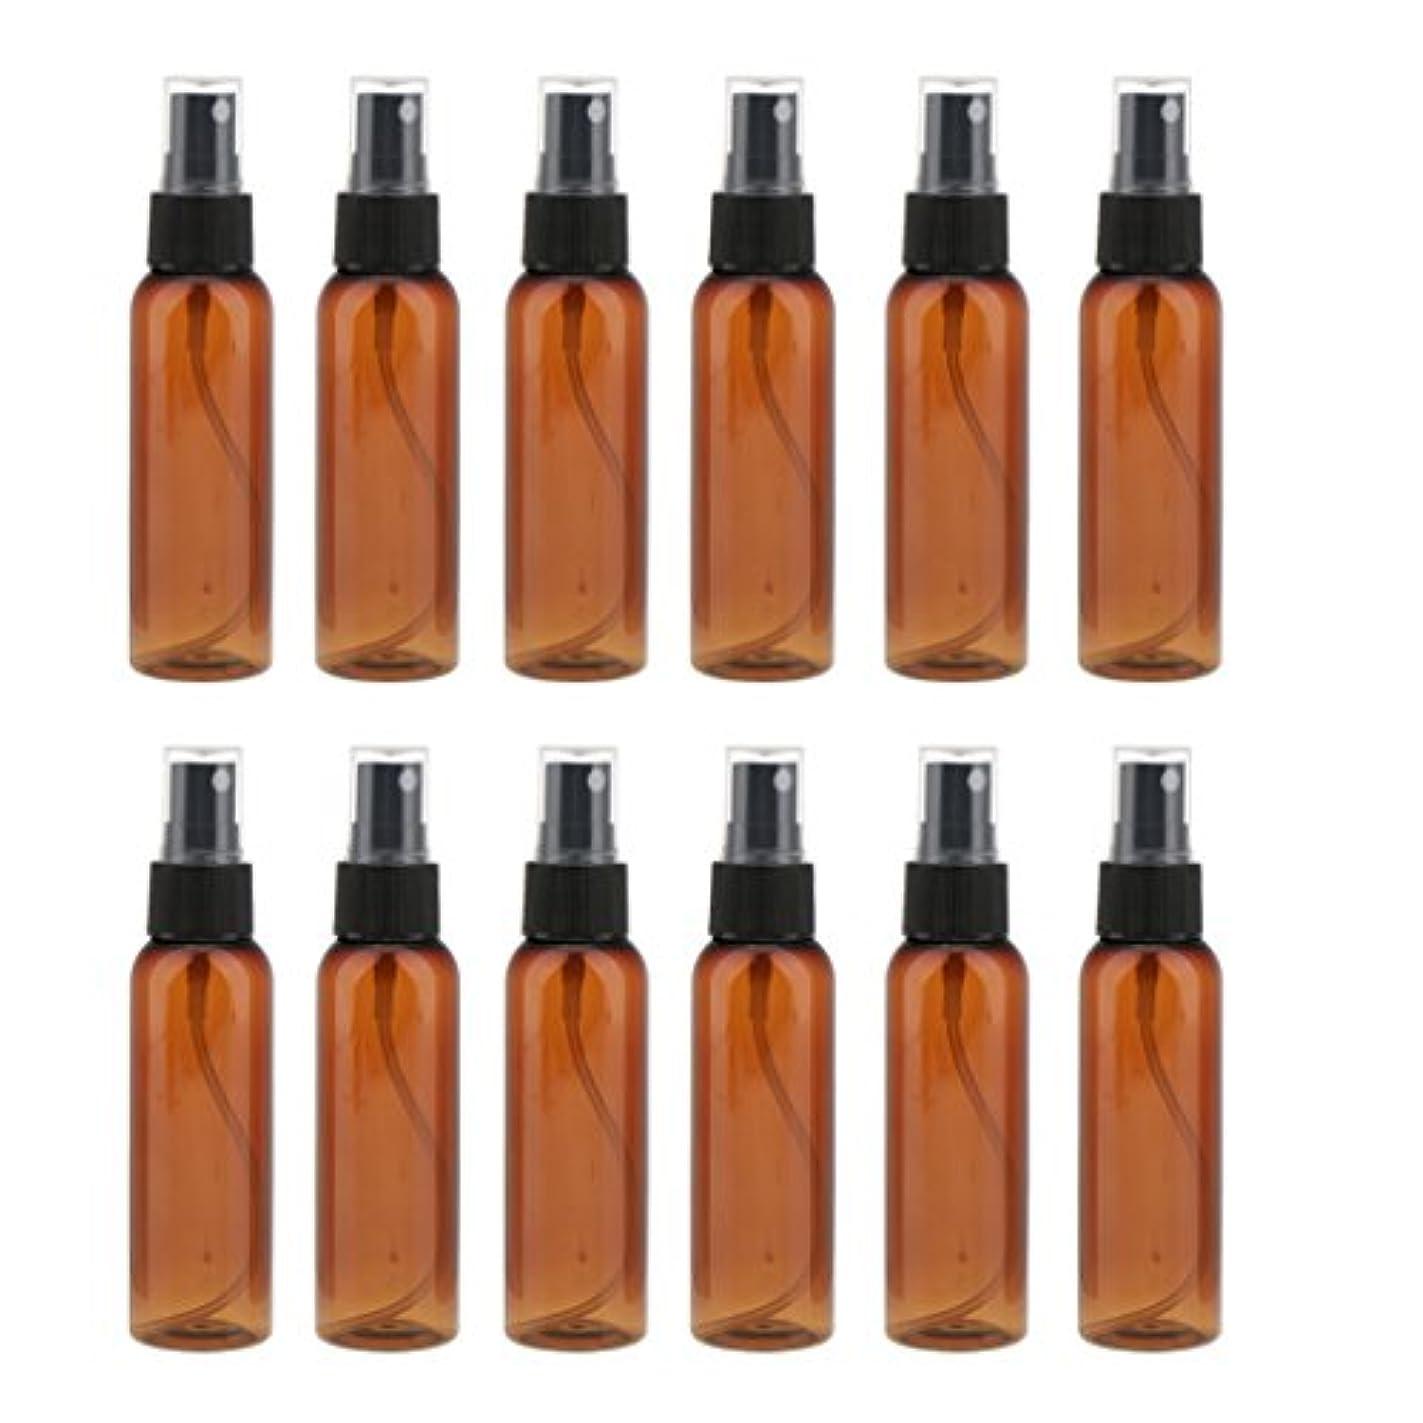 苦厚くする副詰め替え 化粧品容器 コンセプト 空のスプレーボトル 旅行 漏れ防止 60ml 12本 全3色 - ブラック